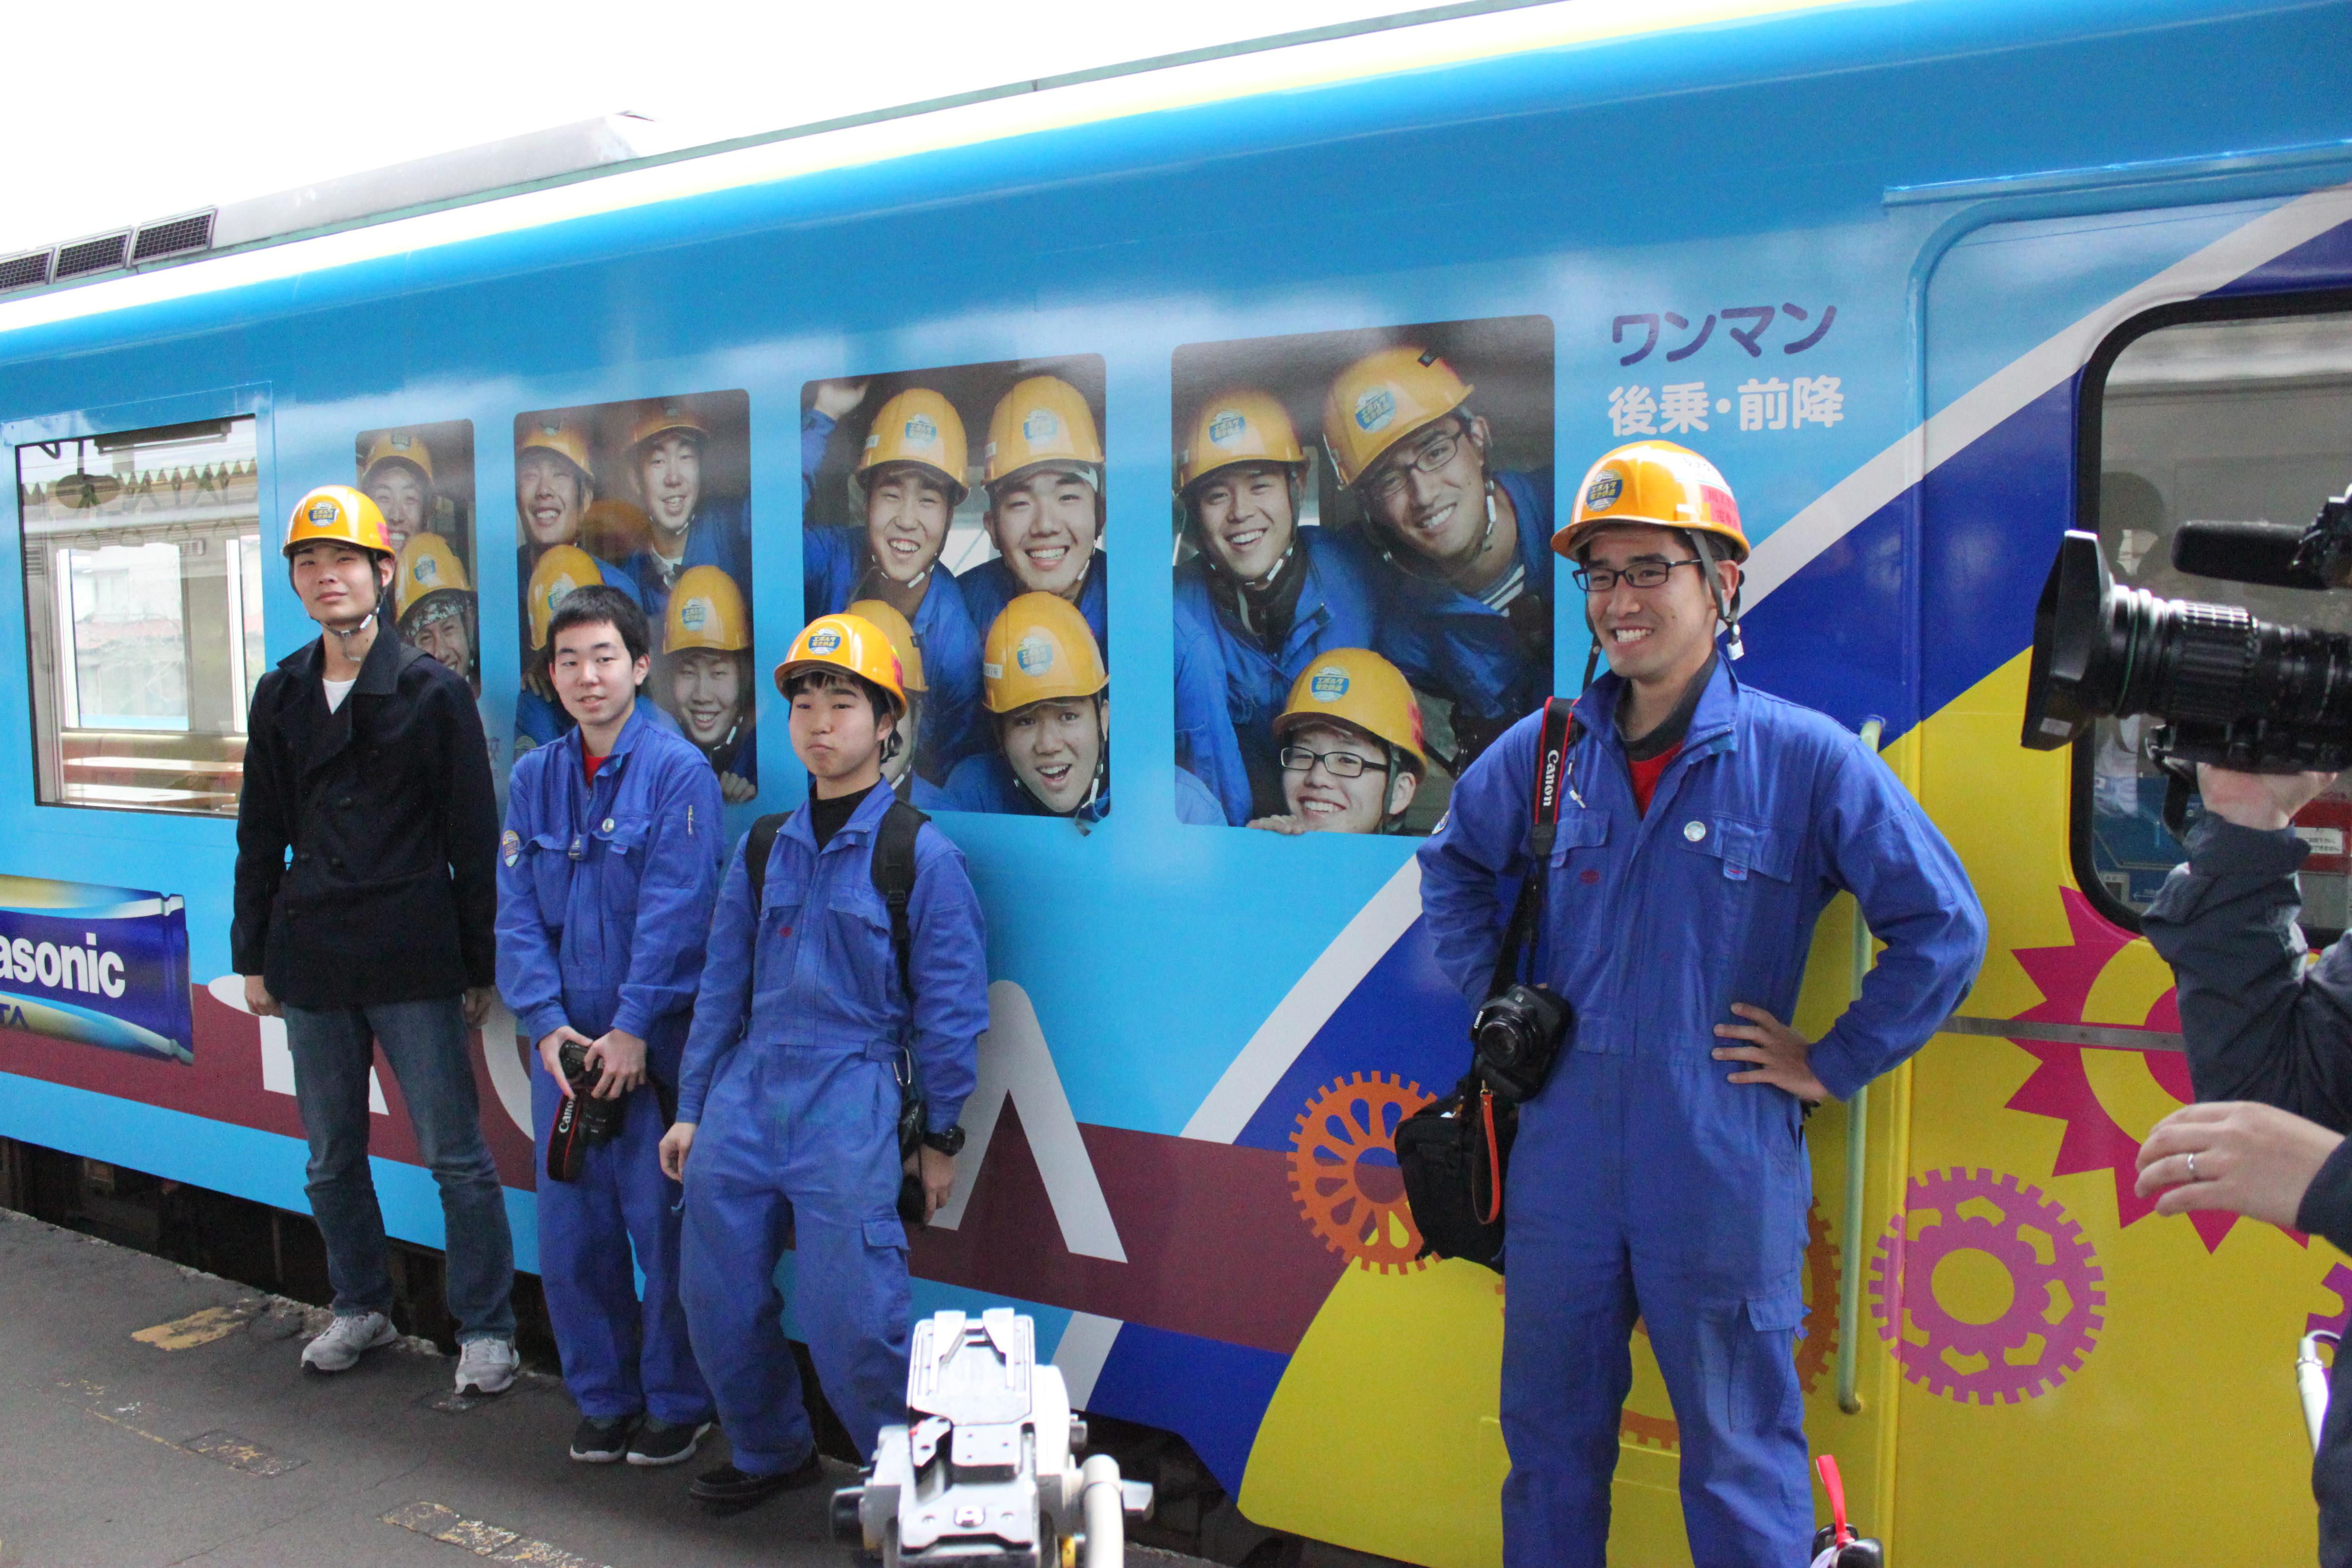 列車の前で記念撮影!